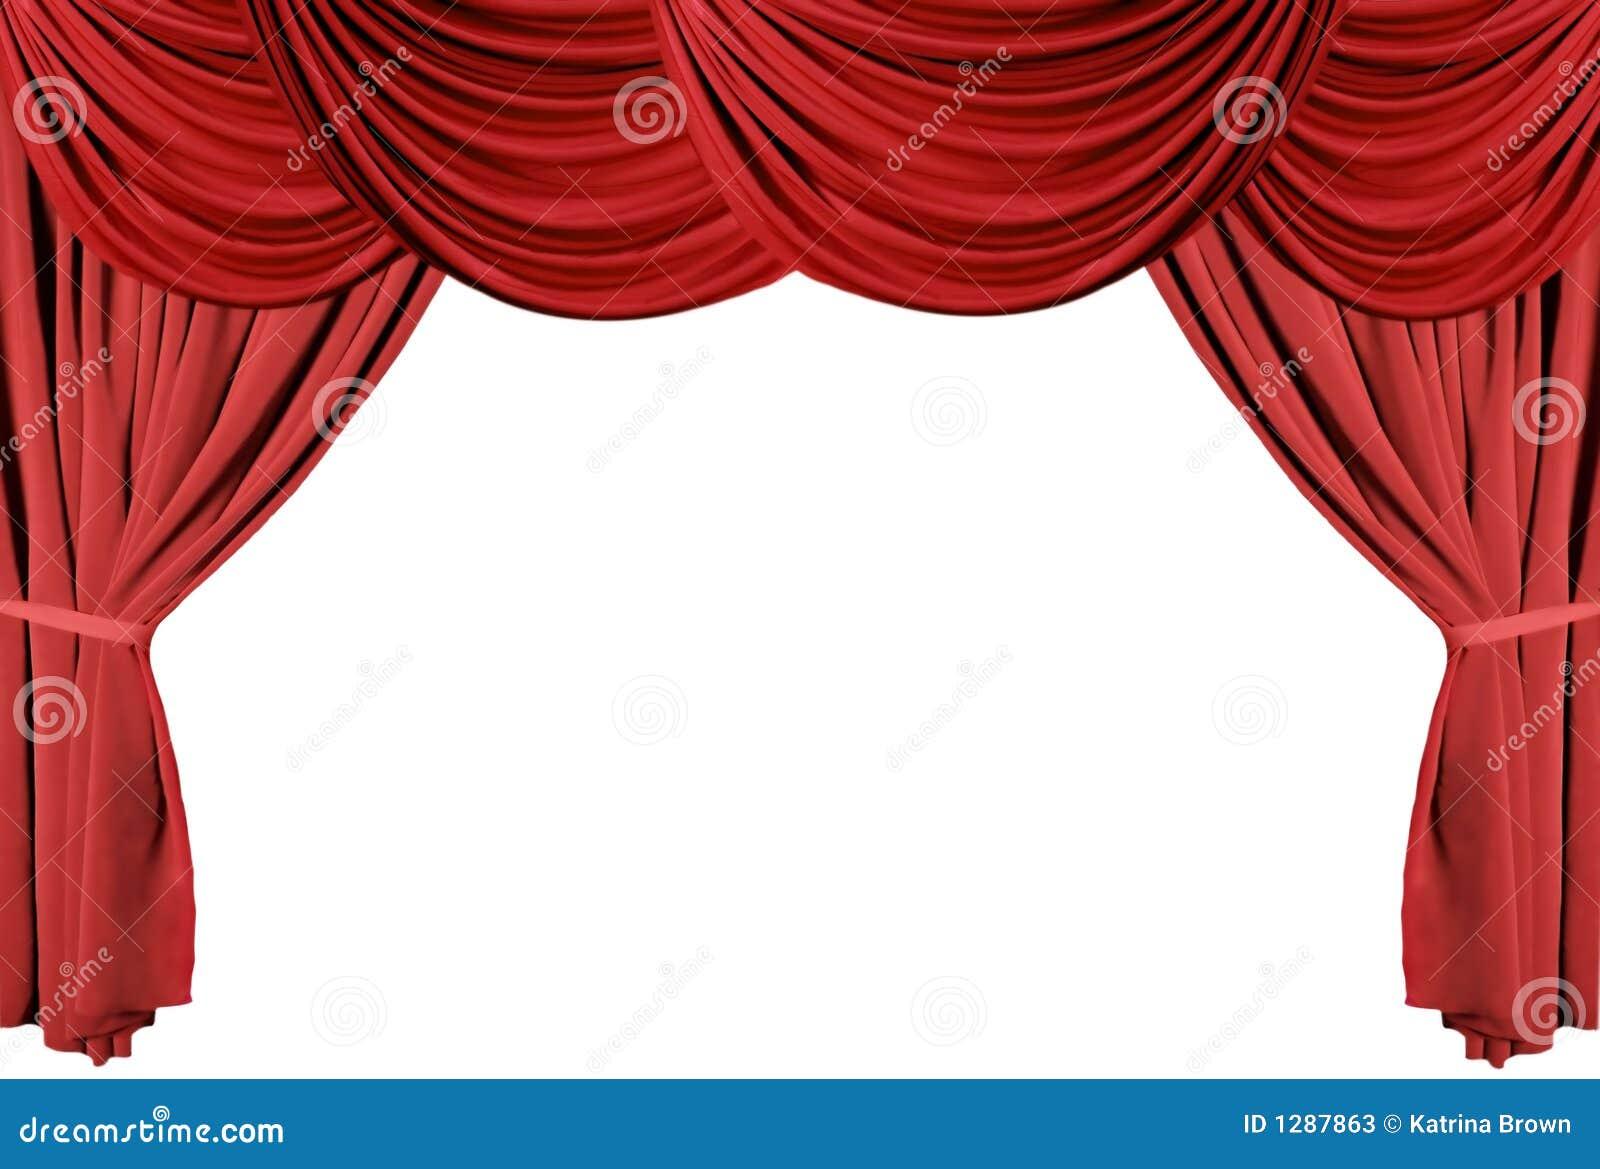 s 233 rie drap 233 e 3 de rideaux en th 233 226 tre photos stock image 1287863